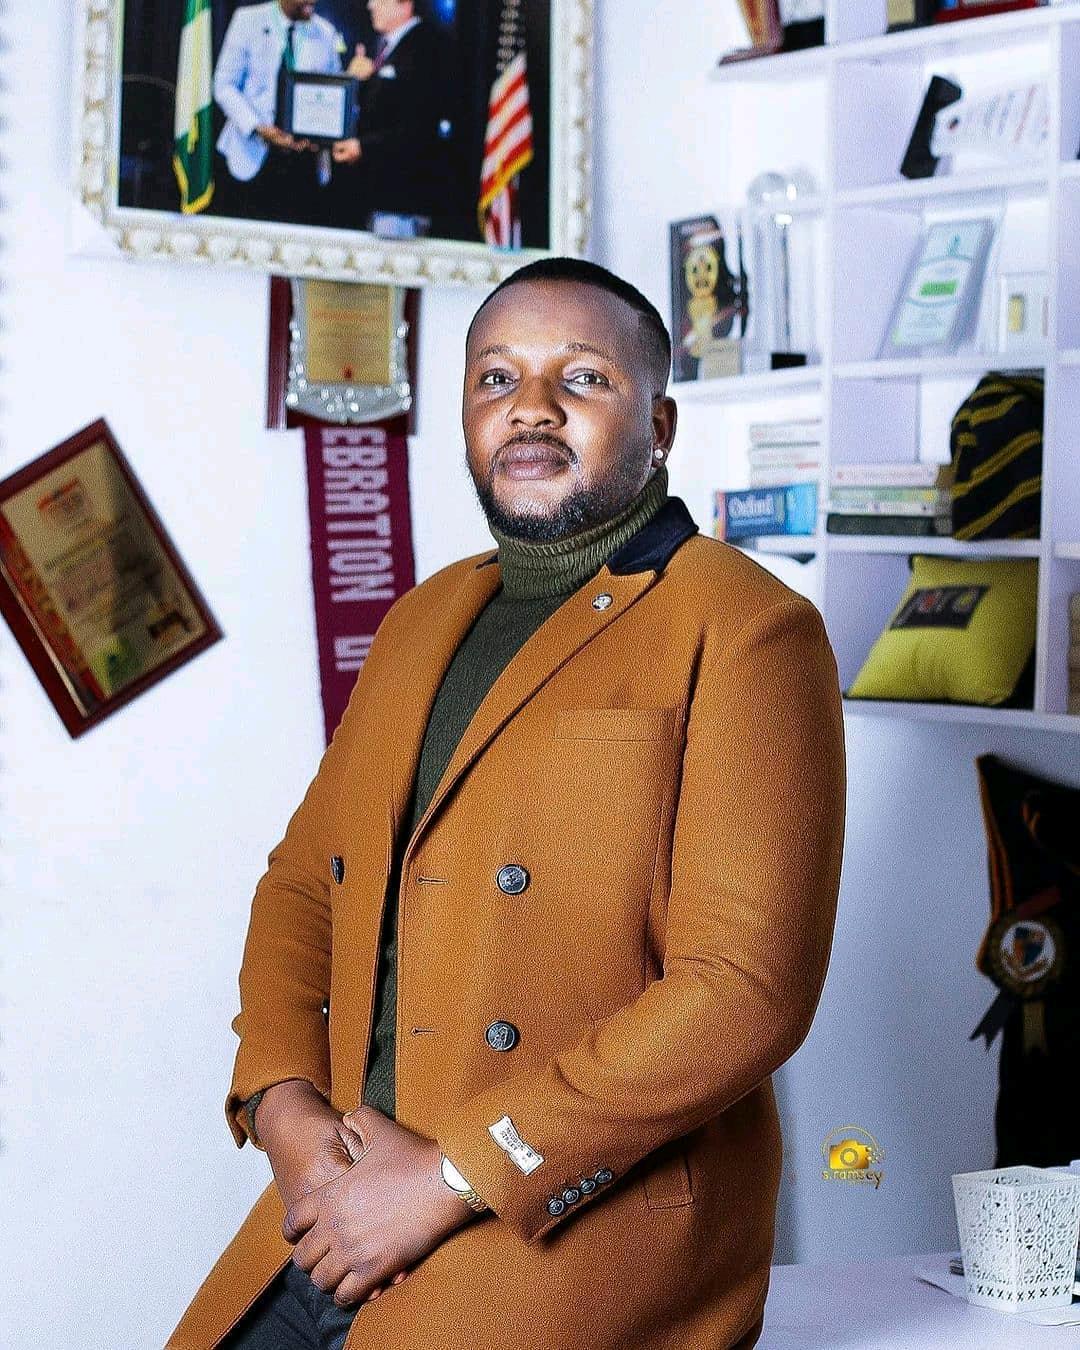 Oko Iyabo: 'The Movie Is To Correct Child Abuse' - Yomi Fabiyi